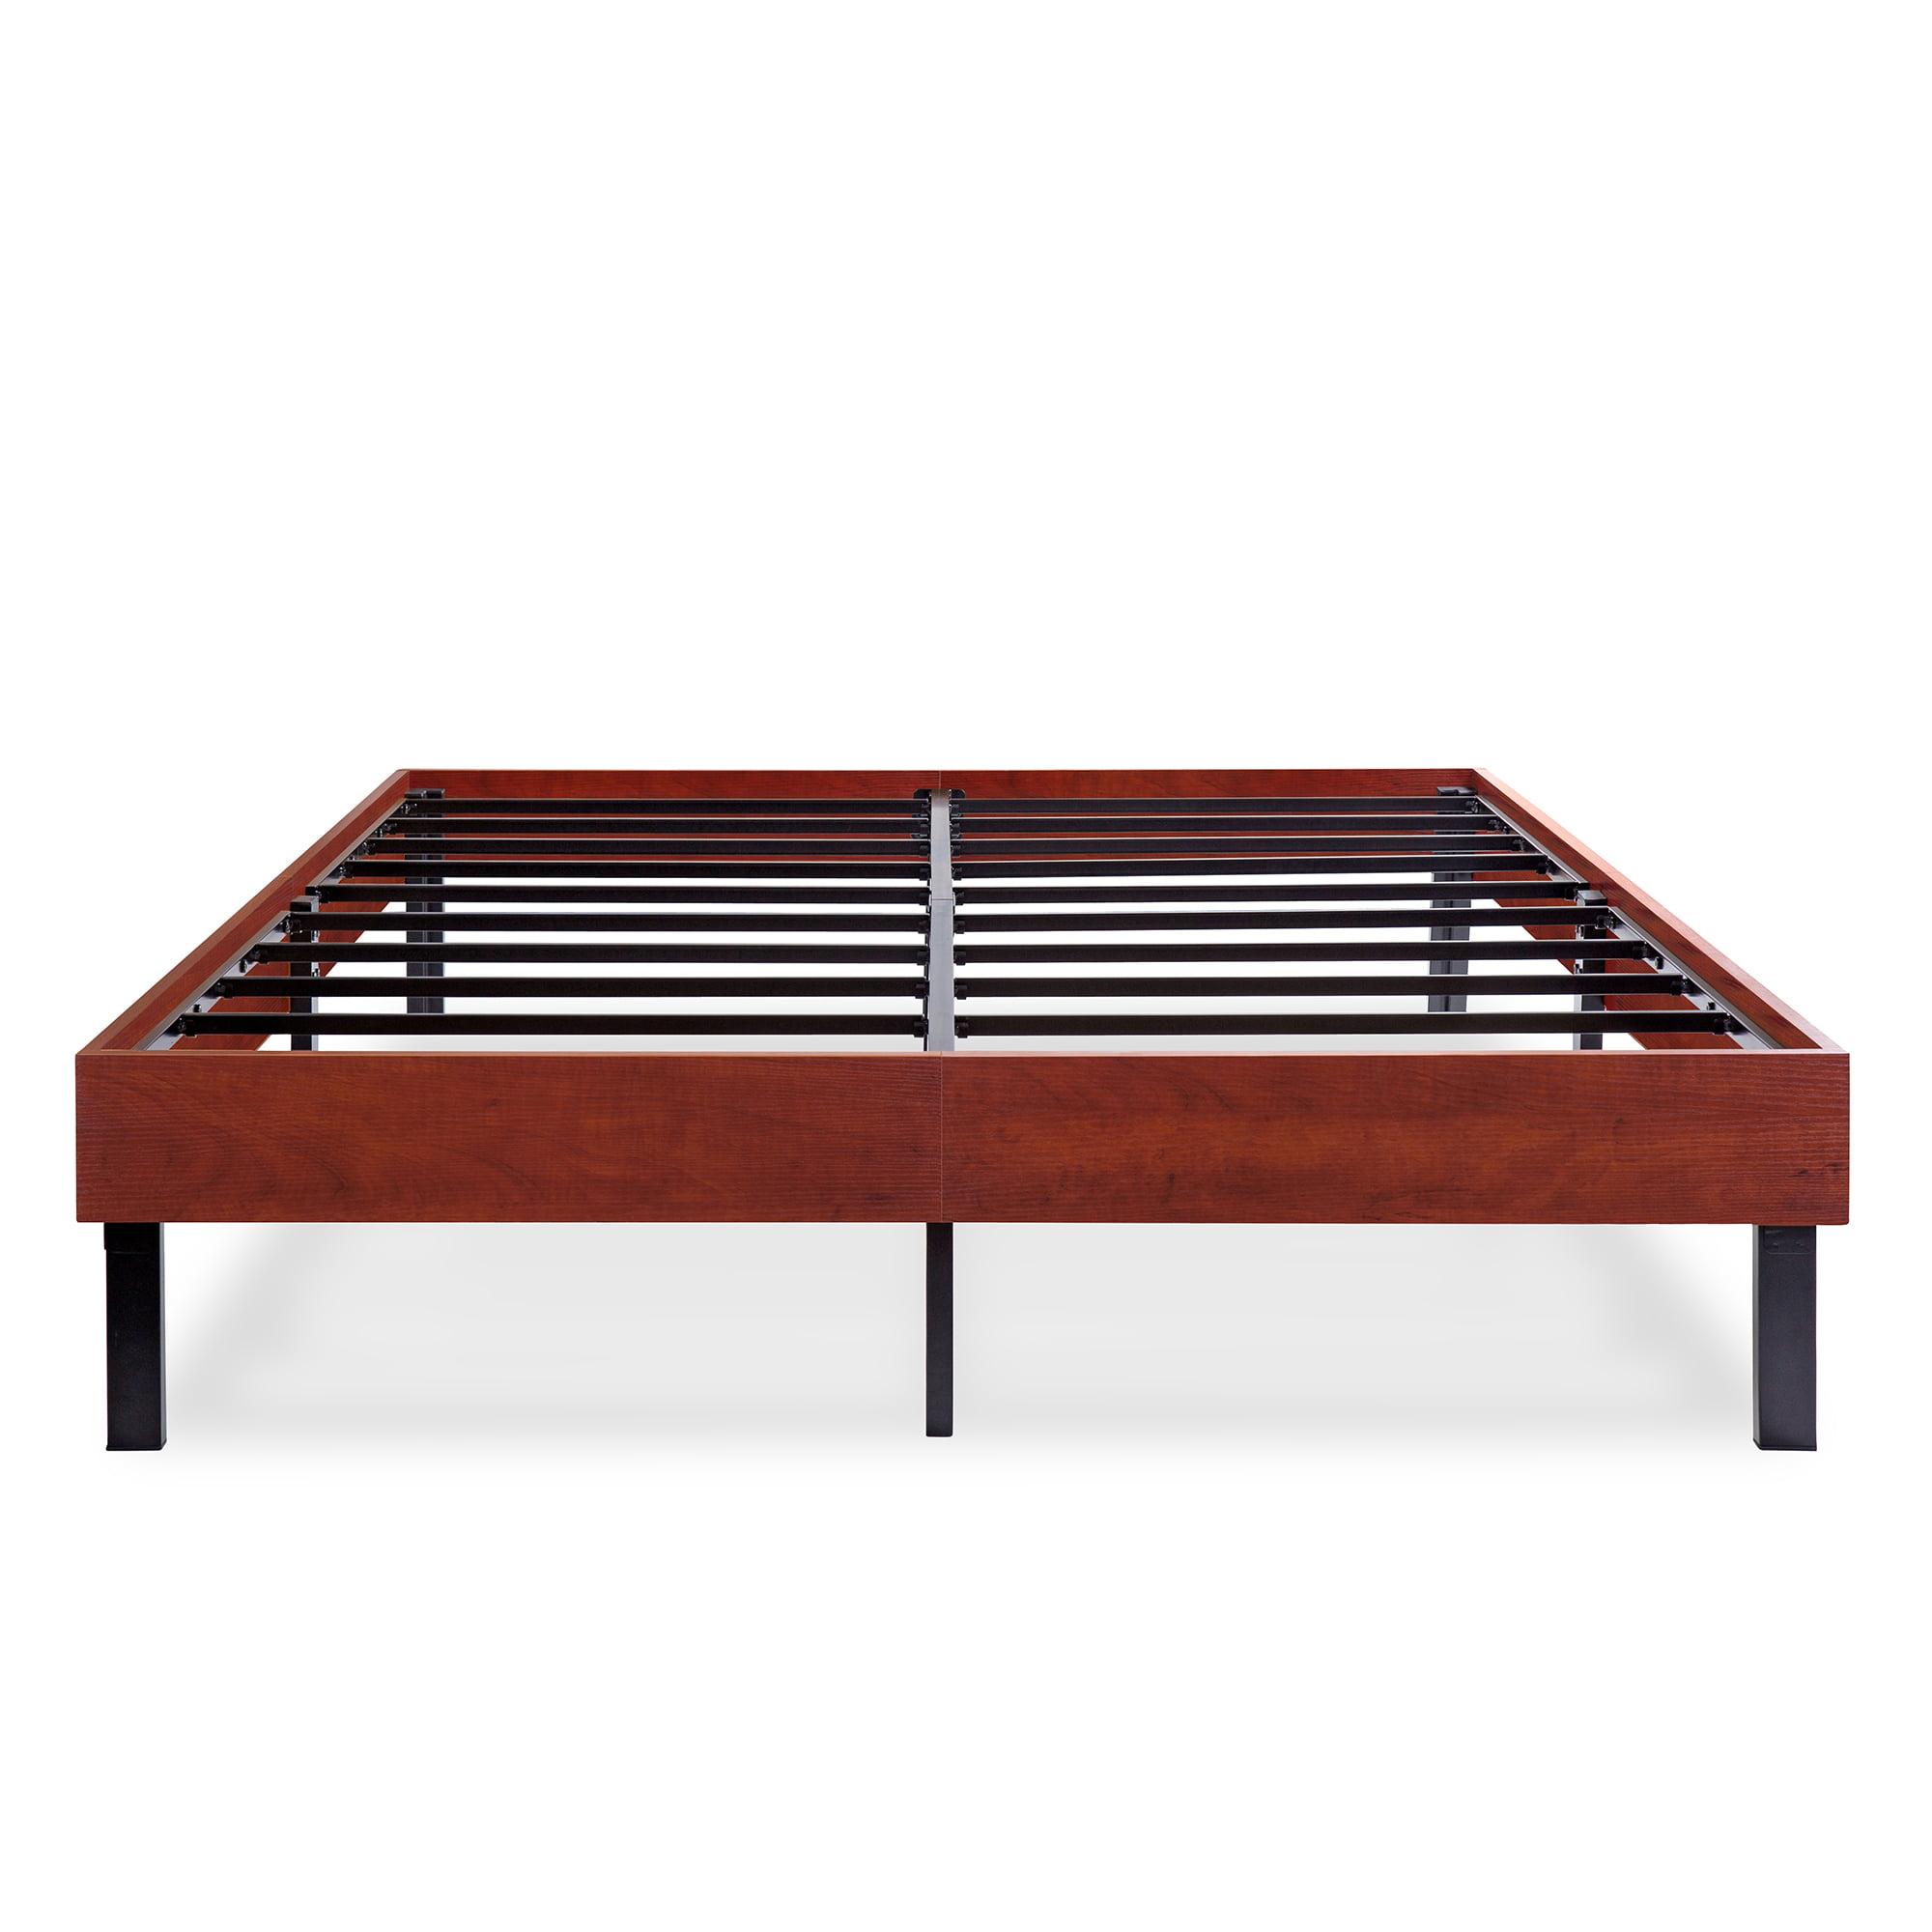 GranRest 14 Inch Wood Platform Bed Frame  Steel Slat support, Classic Brown by Grantec Co., Ltd